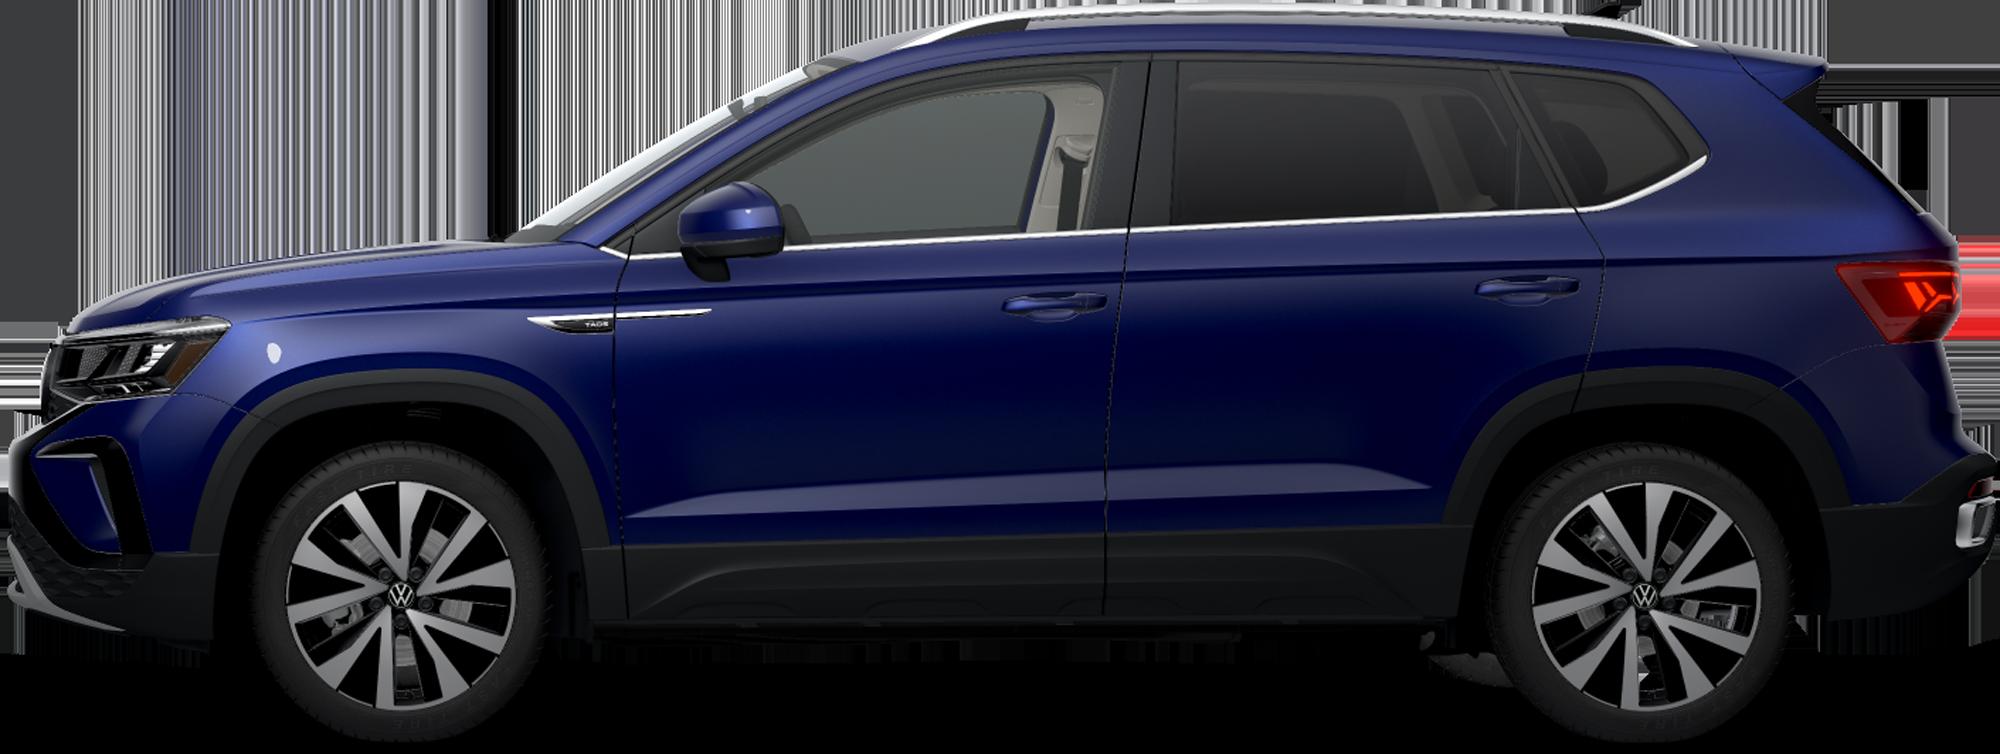 2022 Volkswagen Taos SUV 1.5T SE